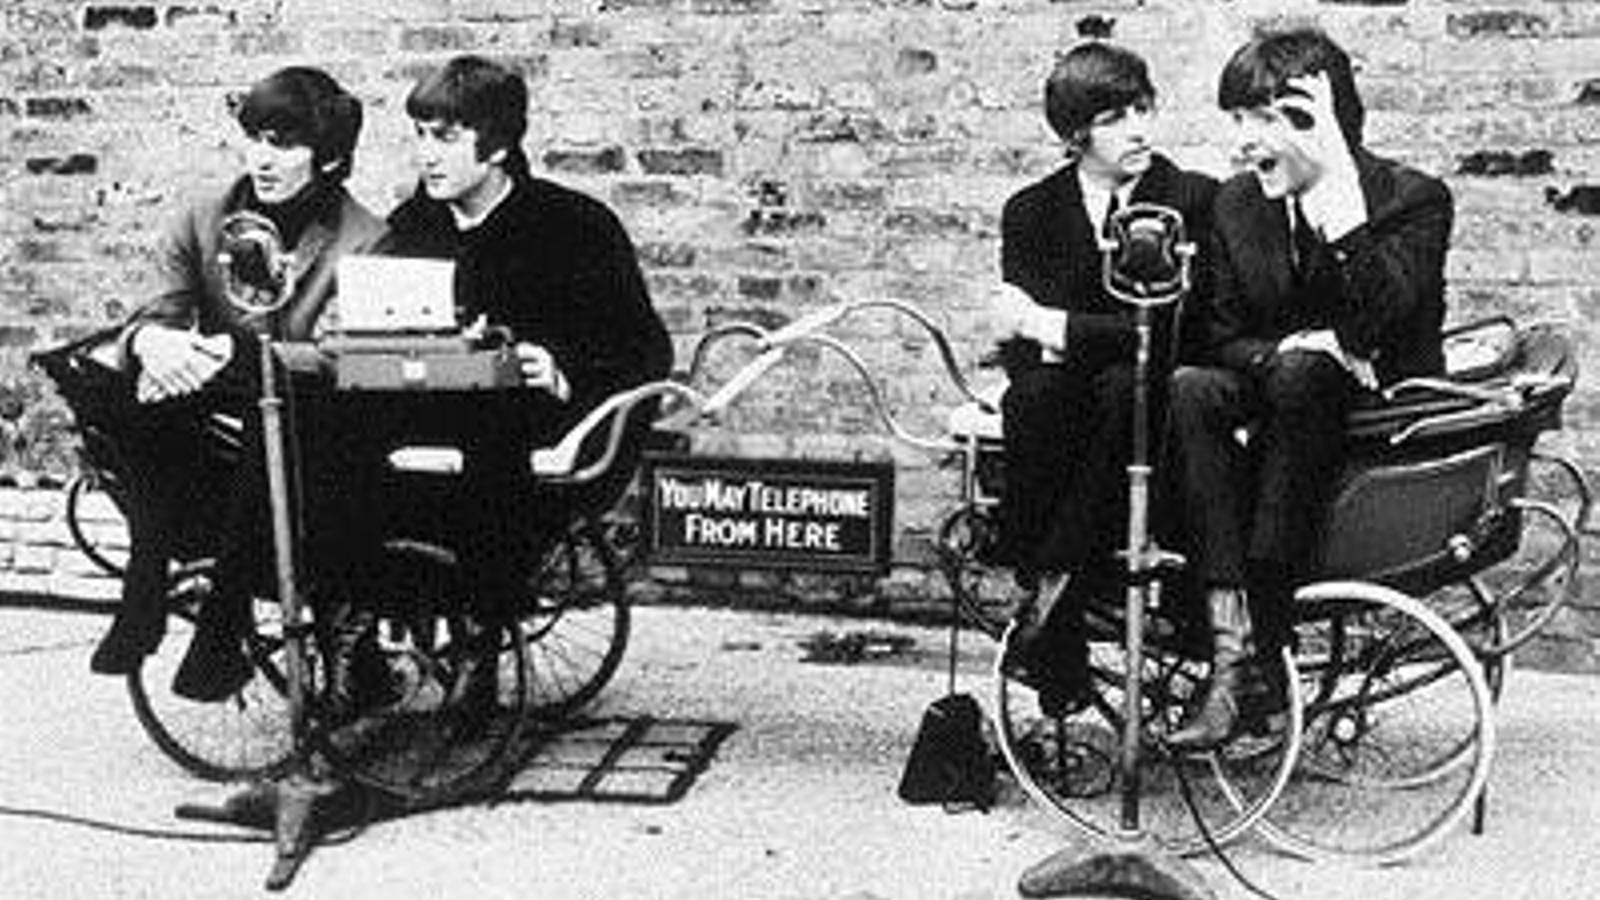 Fotograma de la pel·lícula¡Qué noche la de aquel día!, dirigida l'any 1964 per Richard Lester i protagonitzada pels Beatles.